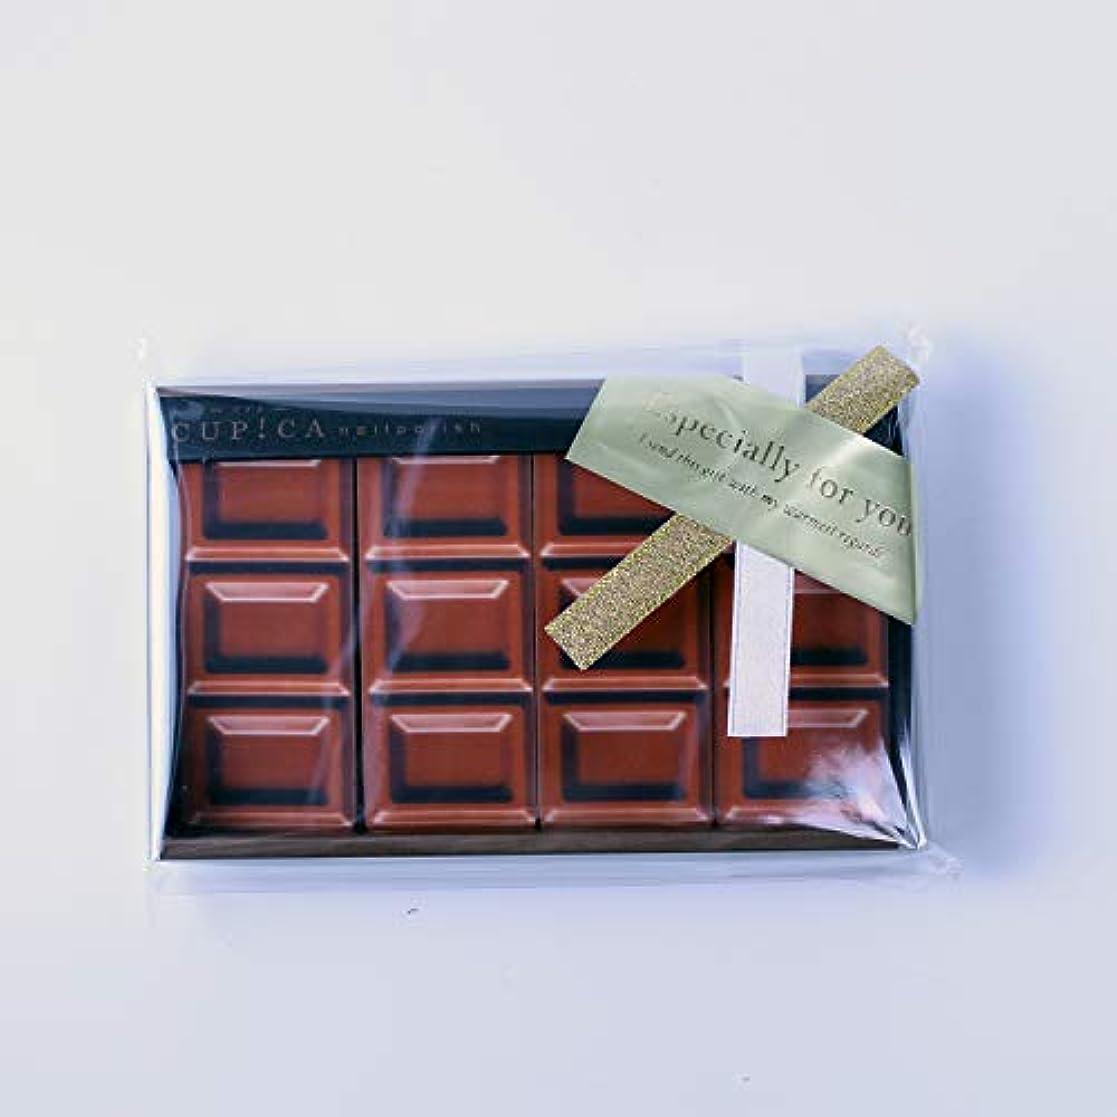 踏みつけ予想する怠惰バレンタイン ホワイトデー ギフト お餞別 チョコのような爪磨き おもしろグッズ アルスキュピカ チョコレート柄 ギフトシール付 クリアケース入